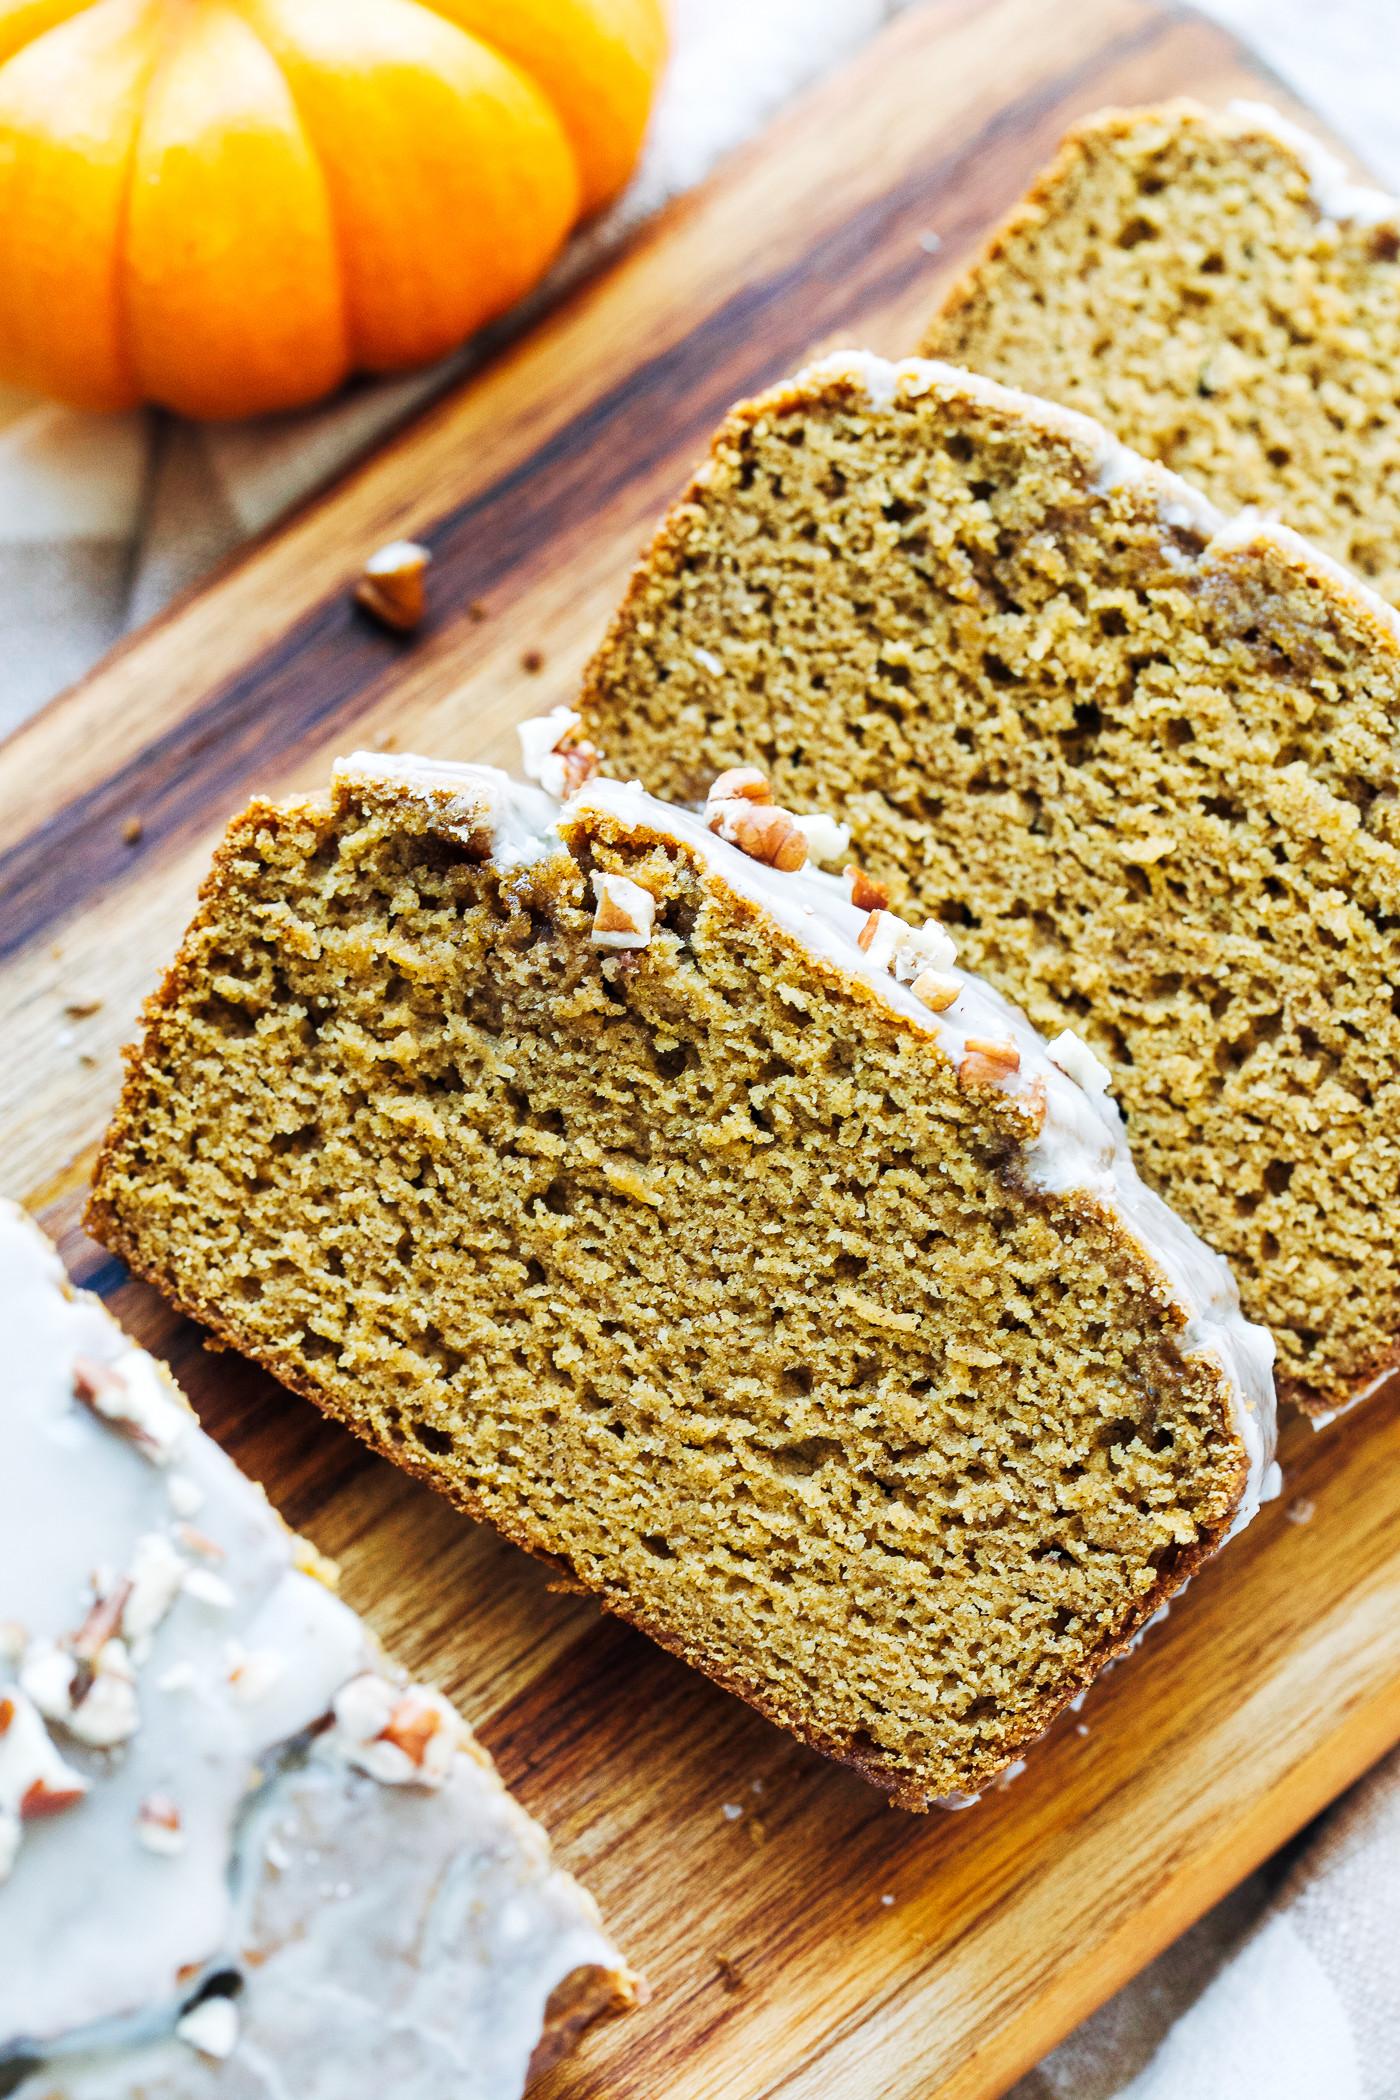 Pumpkin Bread Healthy  Healthy Pumpkin Bread Gluten free & Dairy free Making